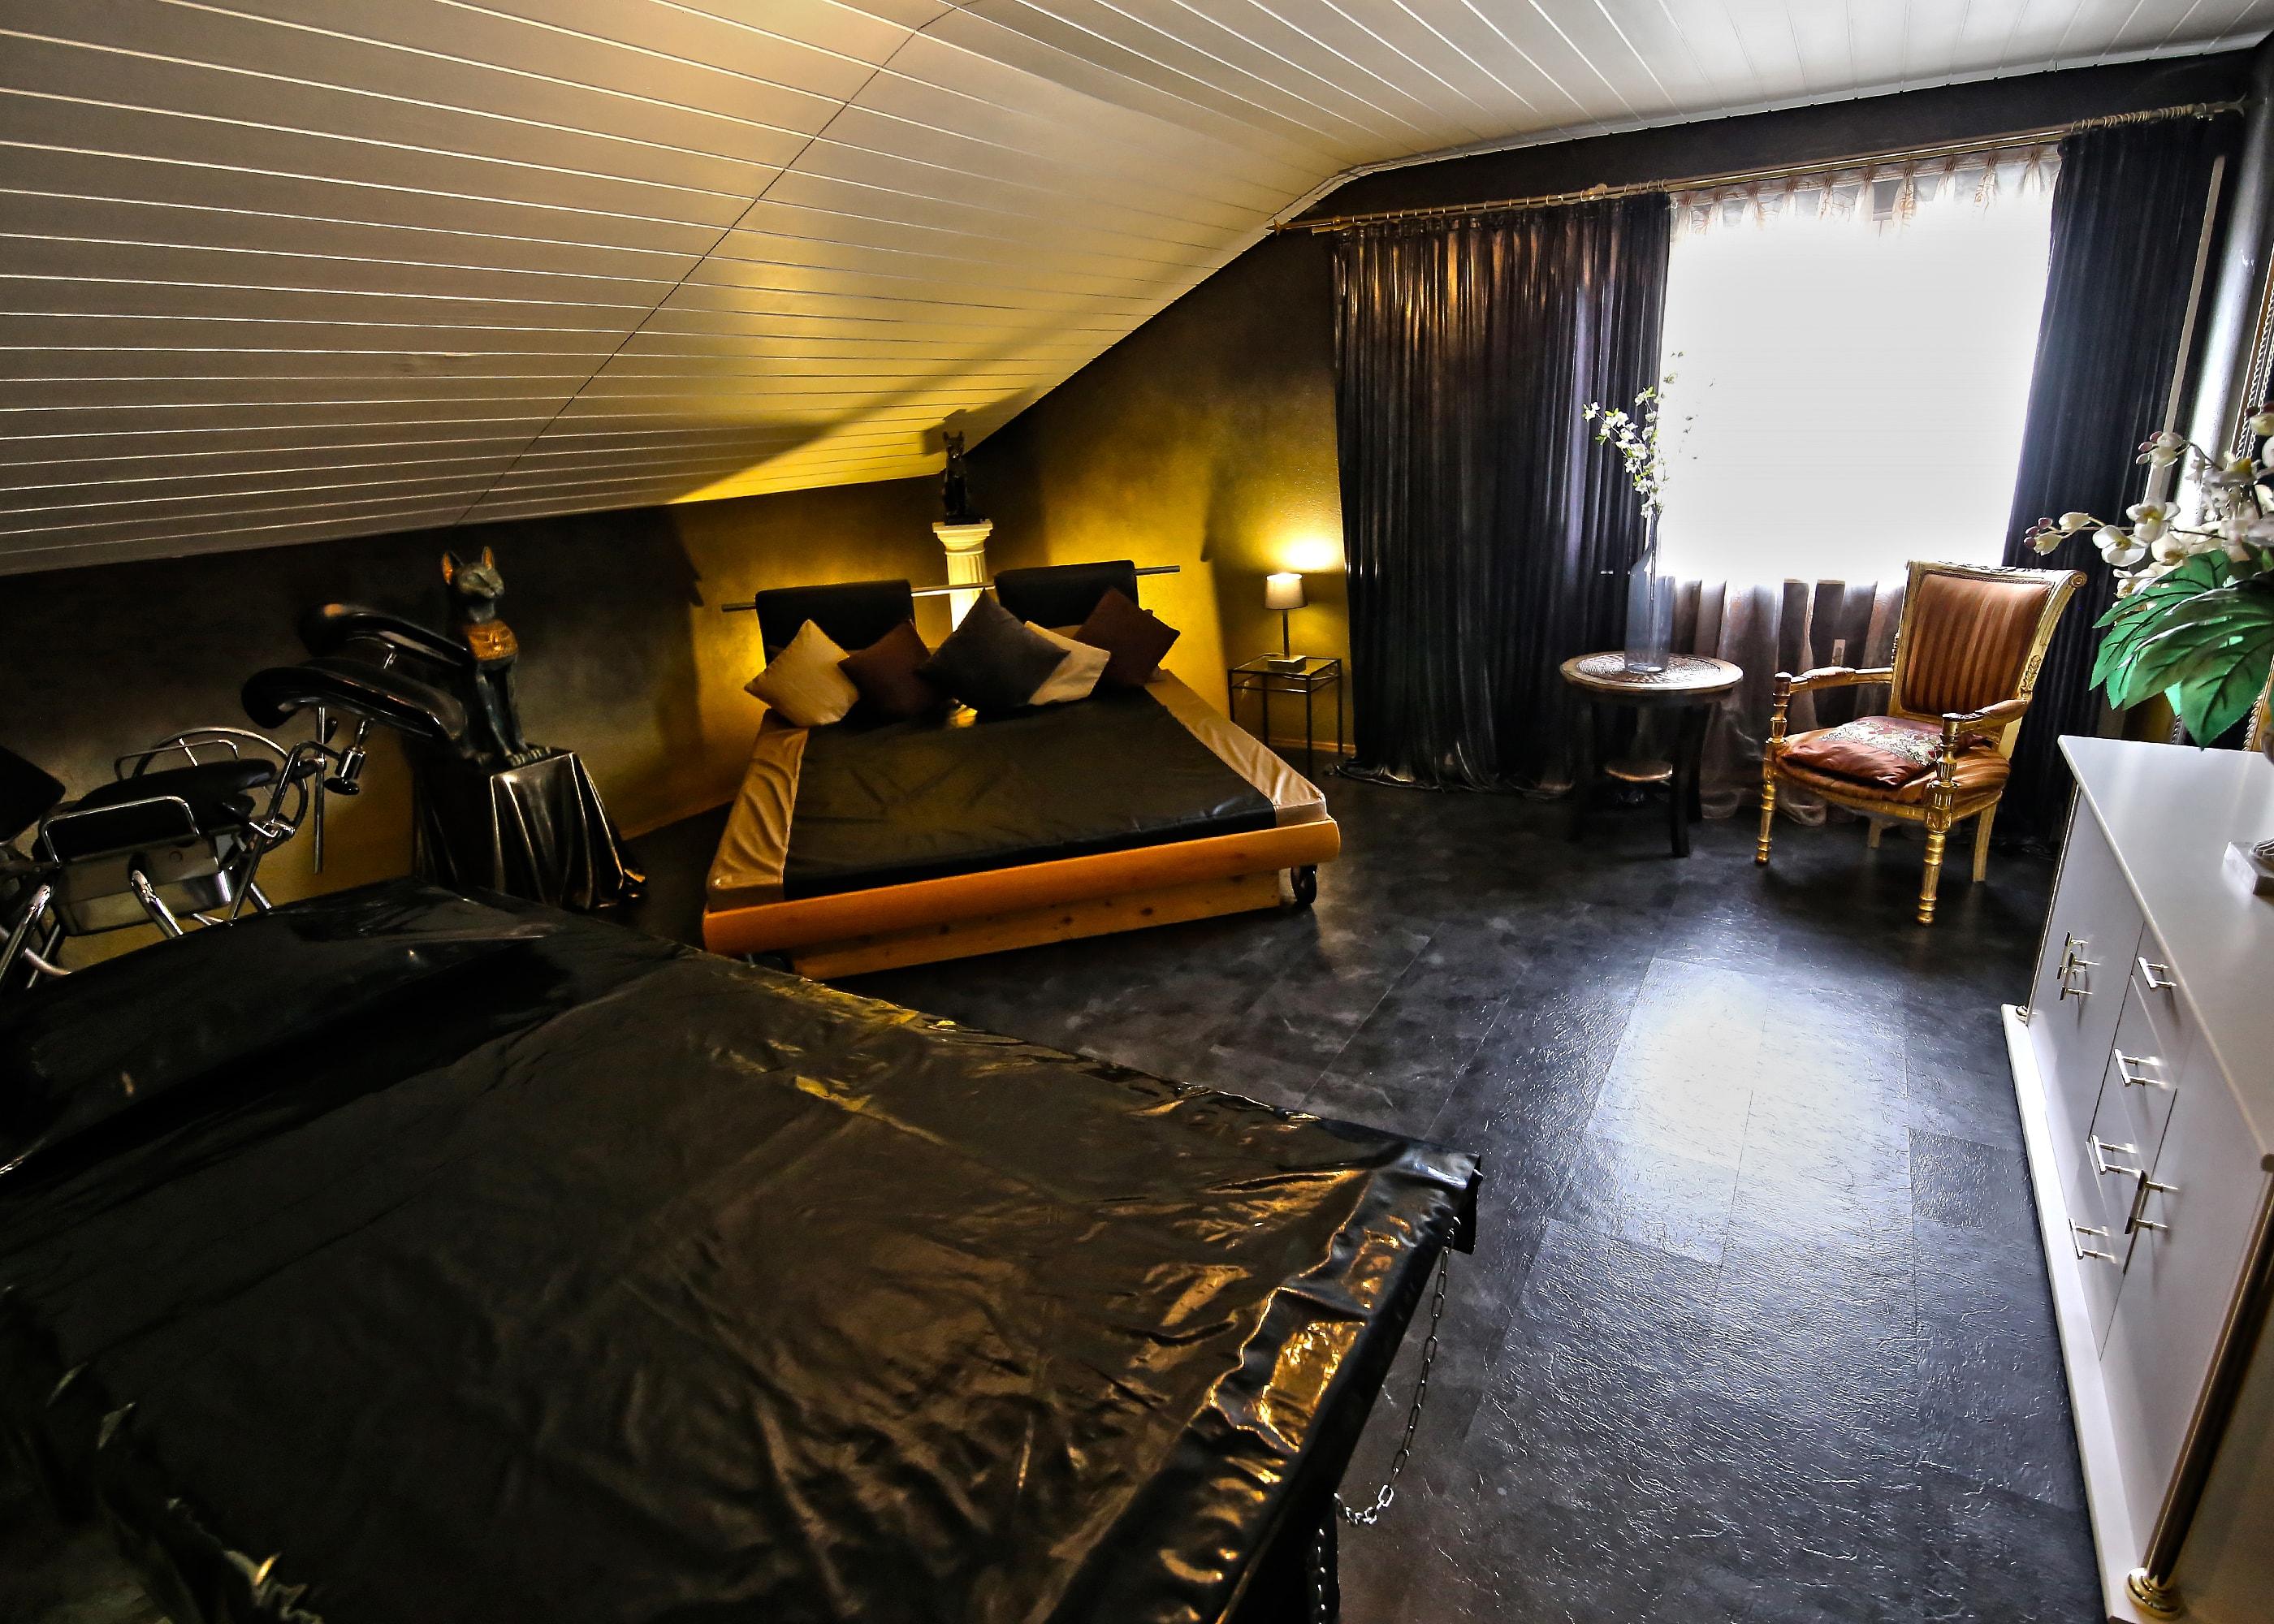 BizarresLiebeszimmer(GoldeneBizarrlounge)2-min